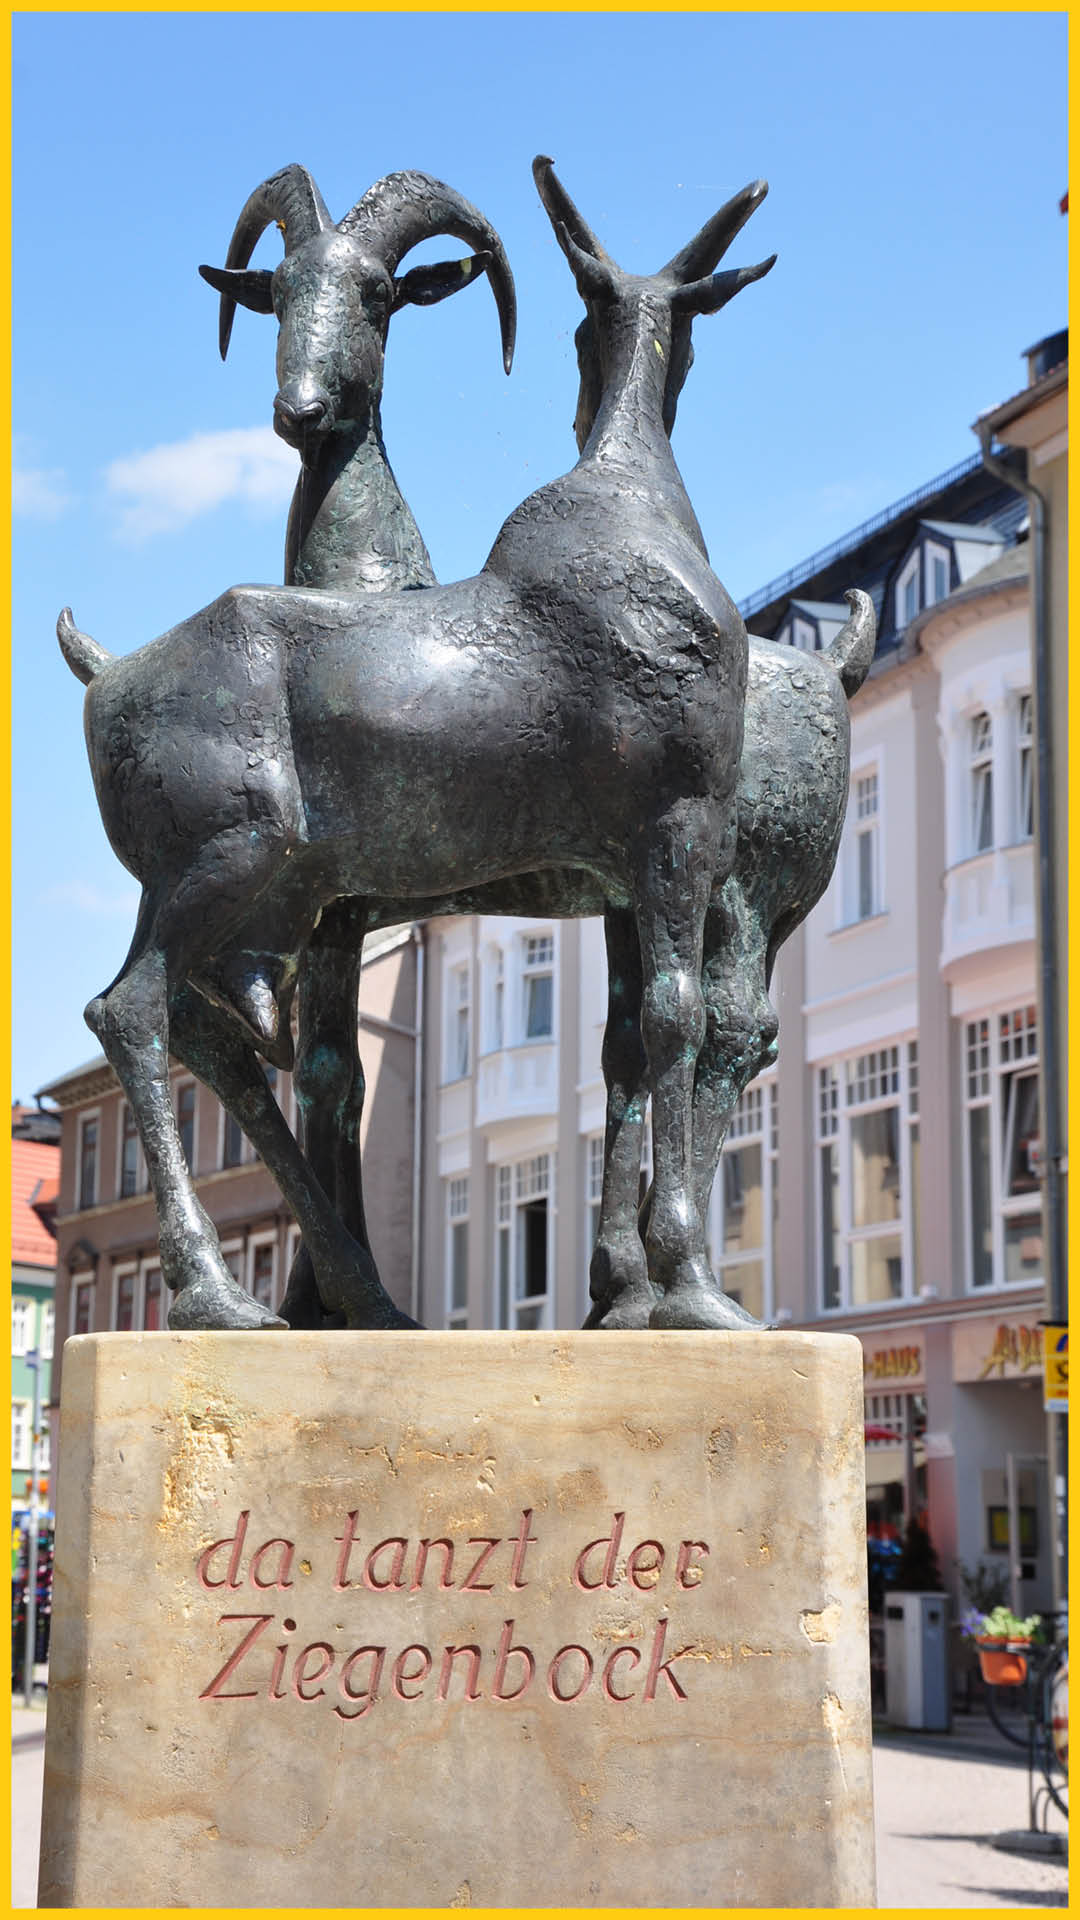 Ziegenbrunnen mit dem Spruch: Da tanzt der Ziegenbock in Ilmenau auf dem Ilmtalradweg durchgeführt vom Werra Bikes